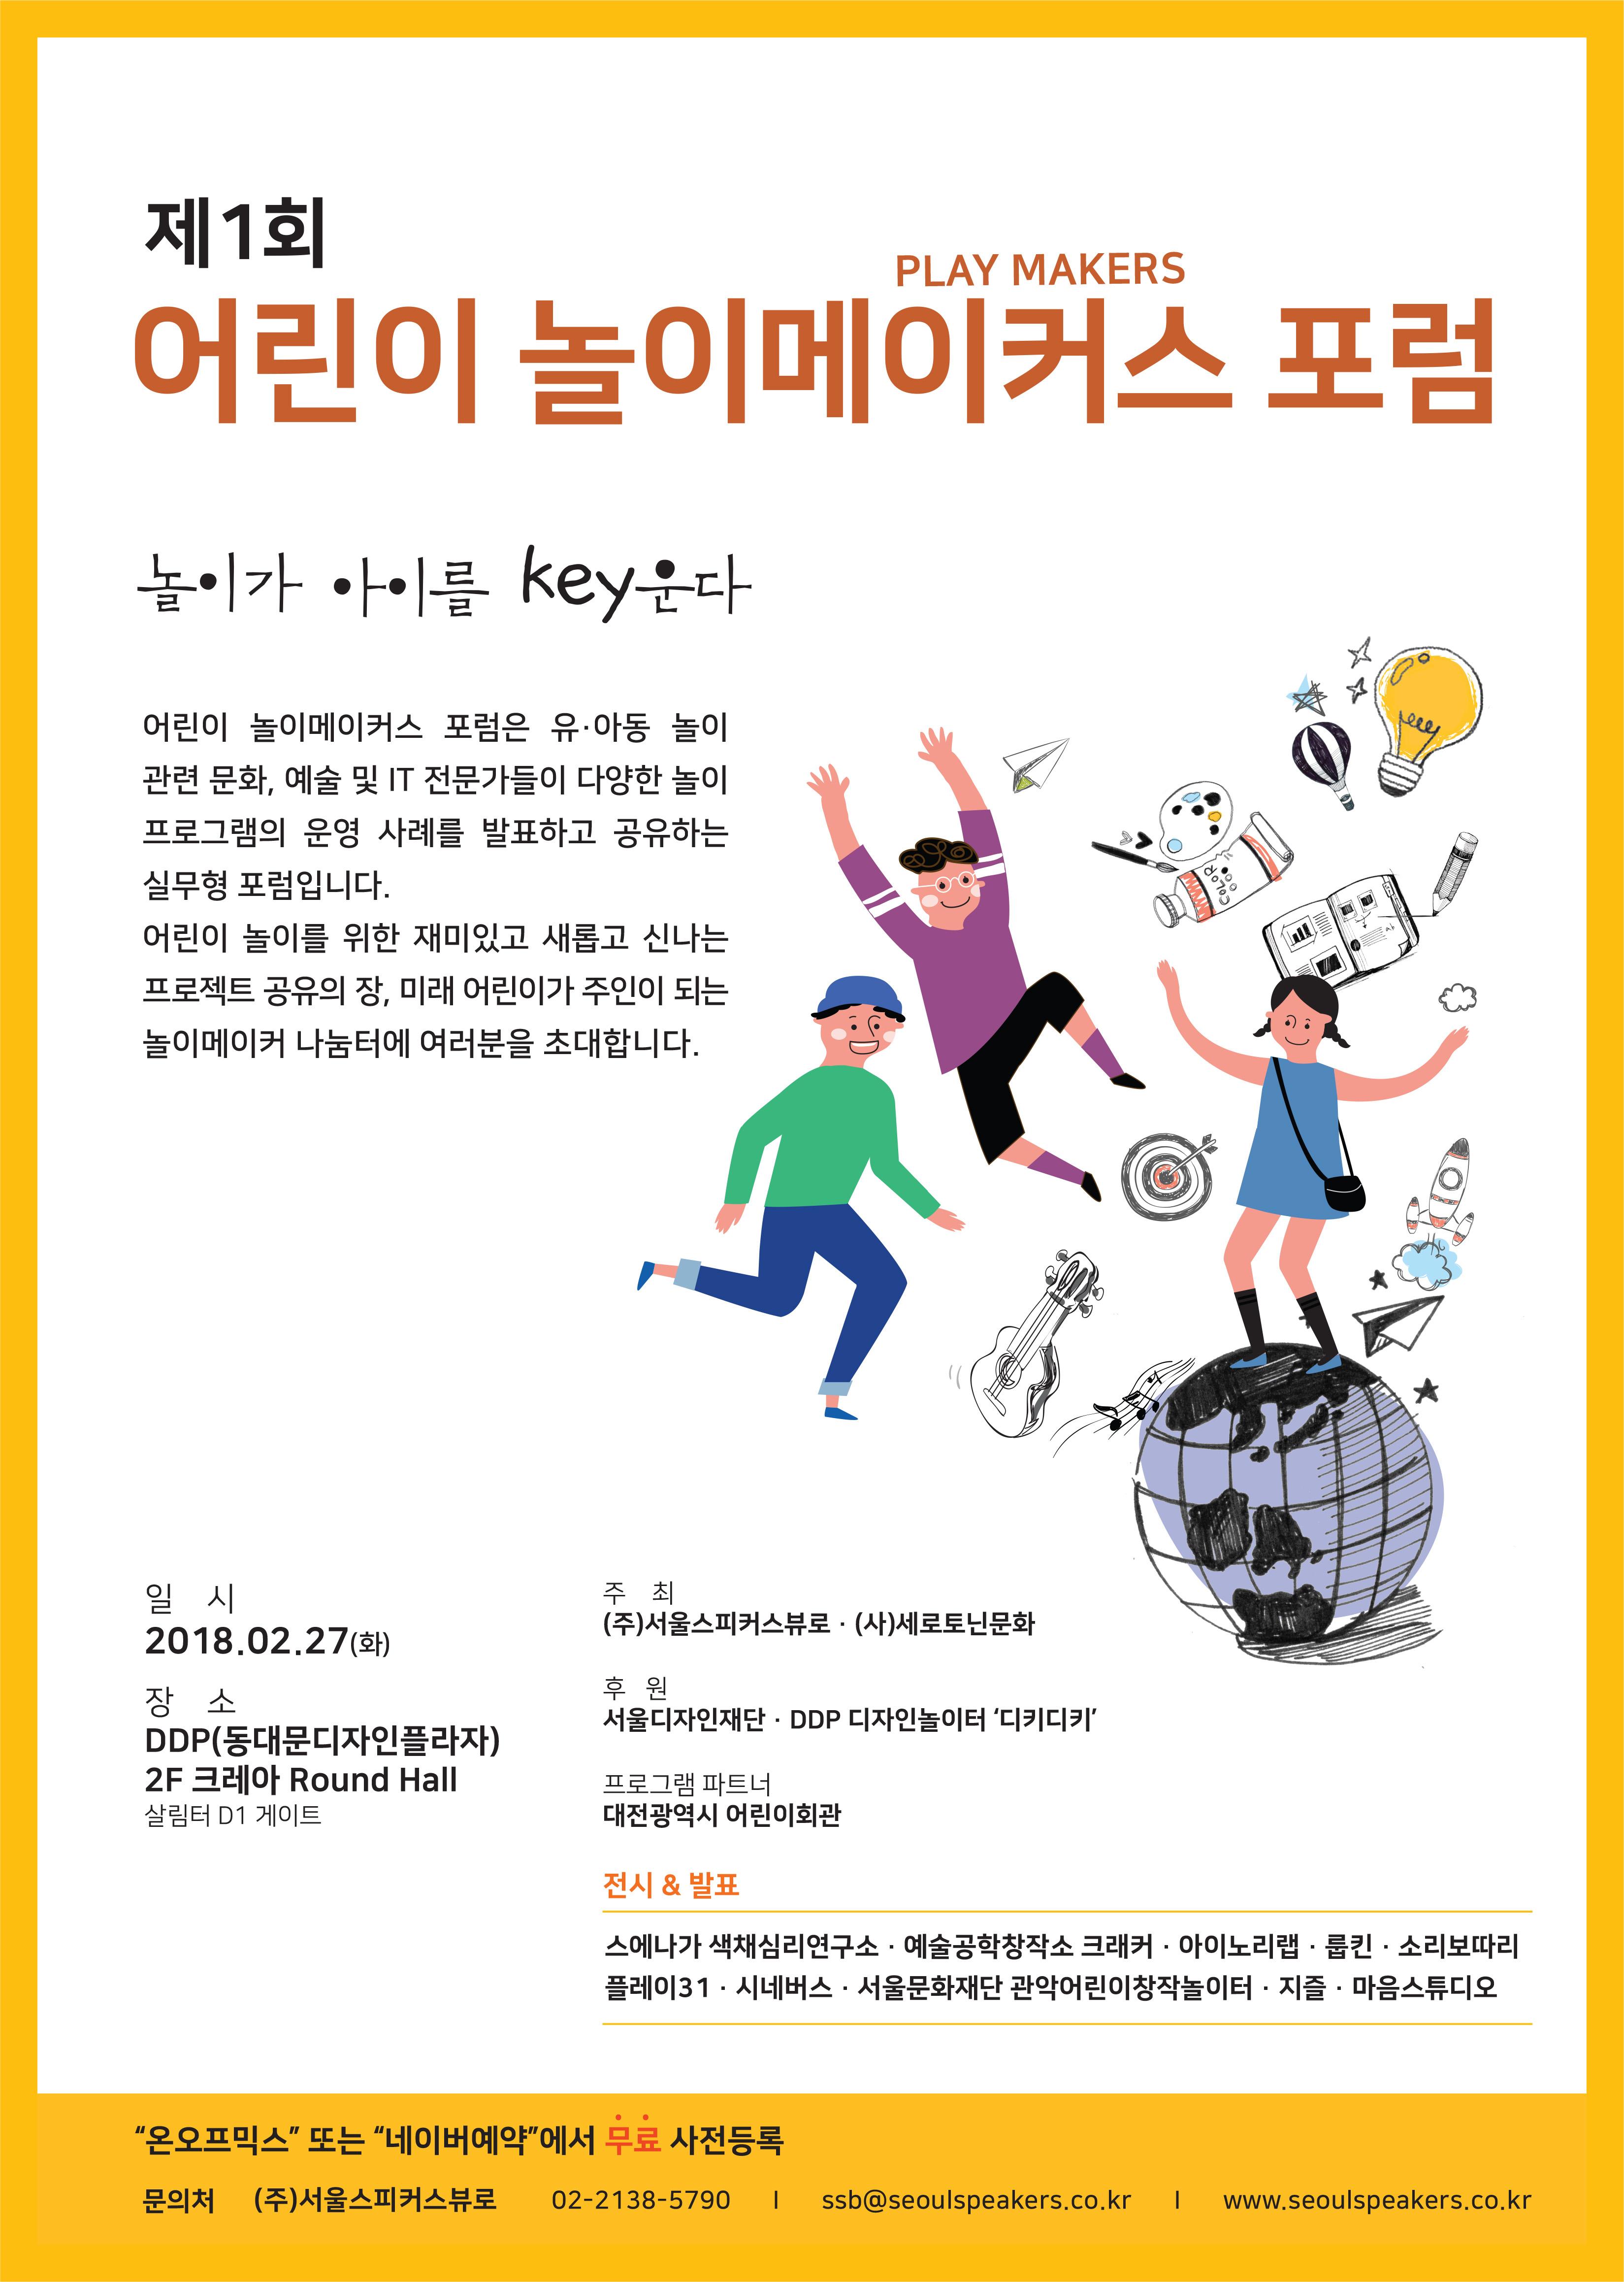 '제1회 어린이 놀이메이커스 포럼' 개최